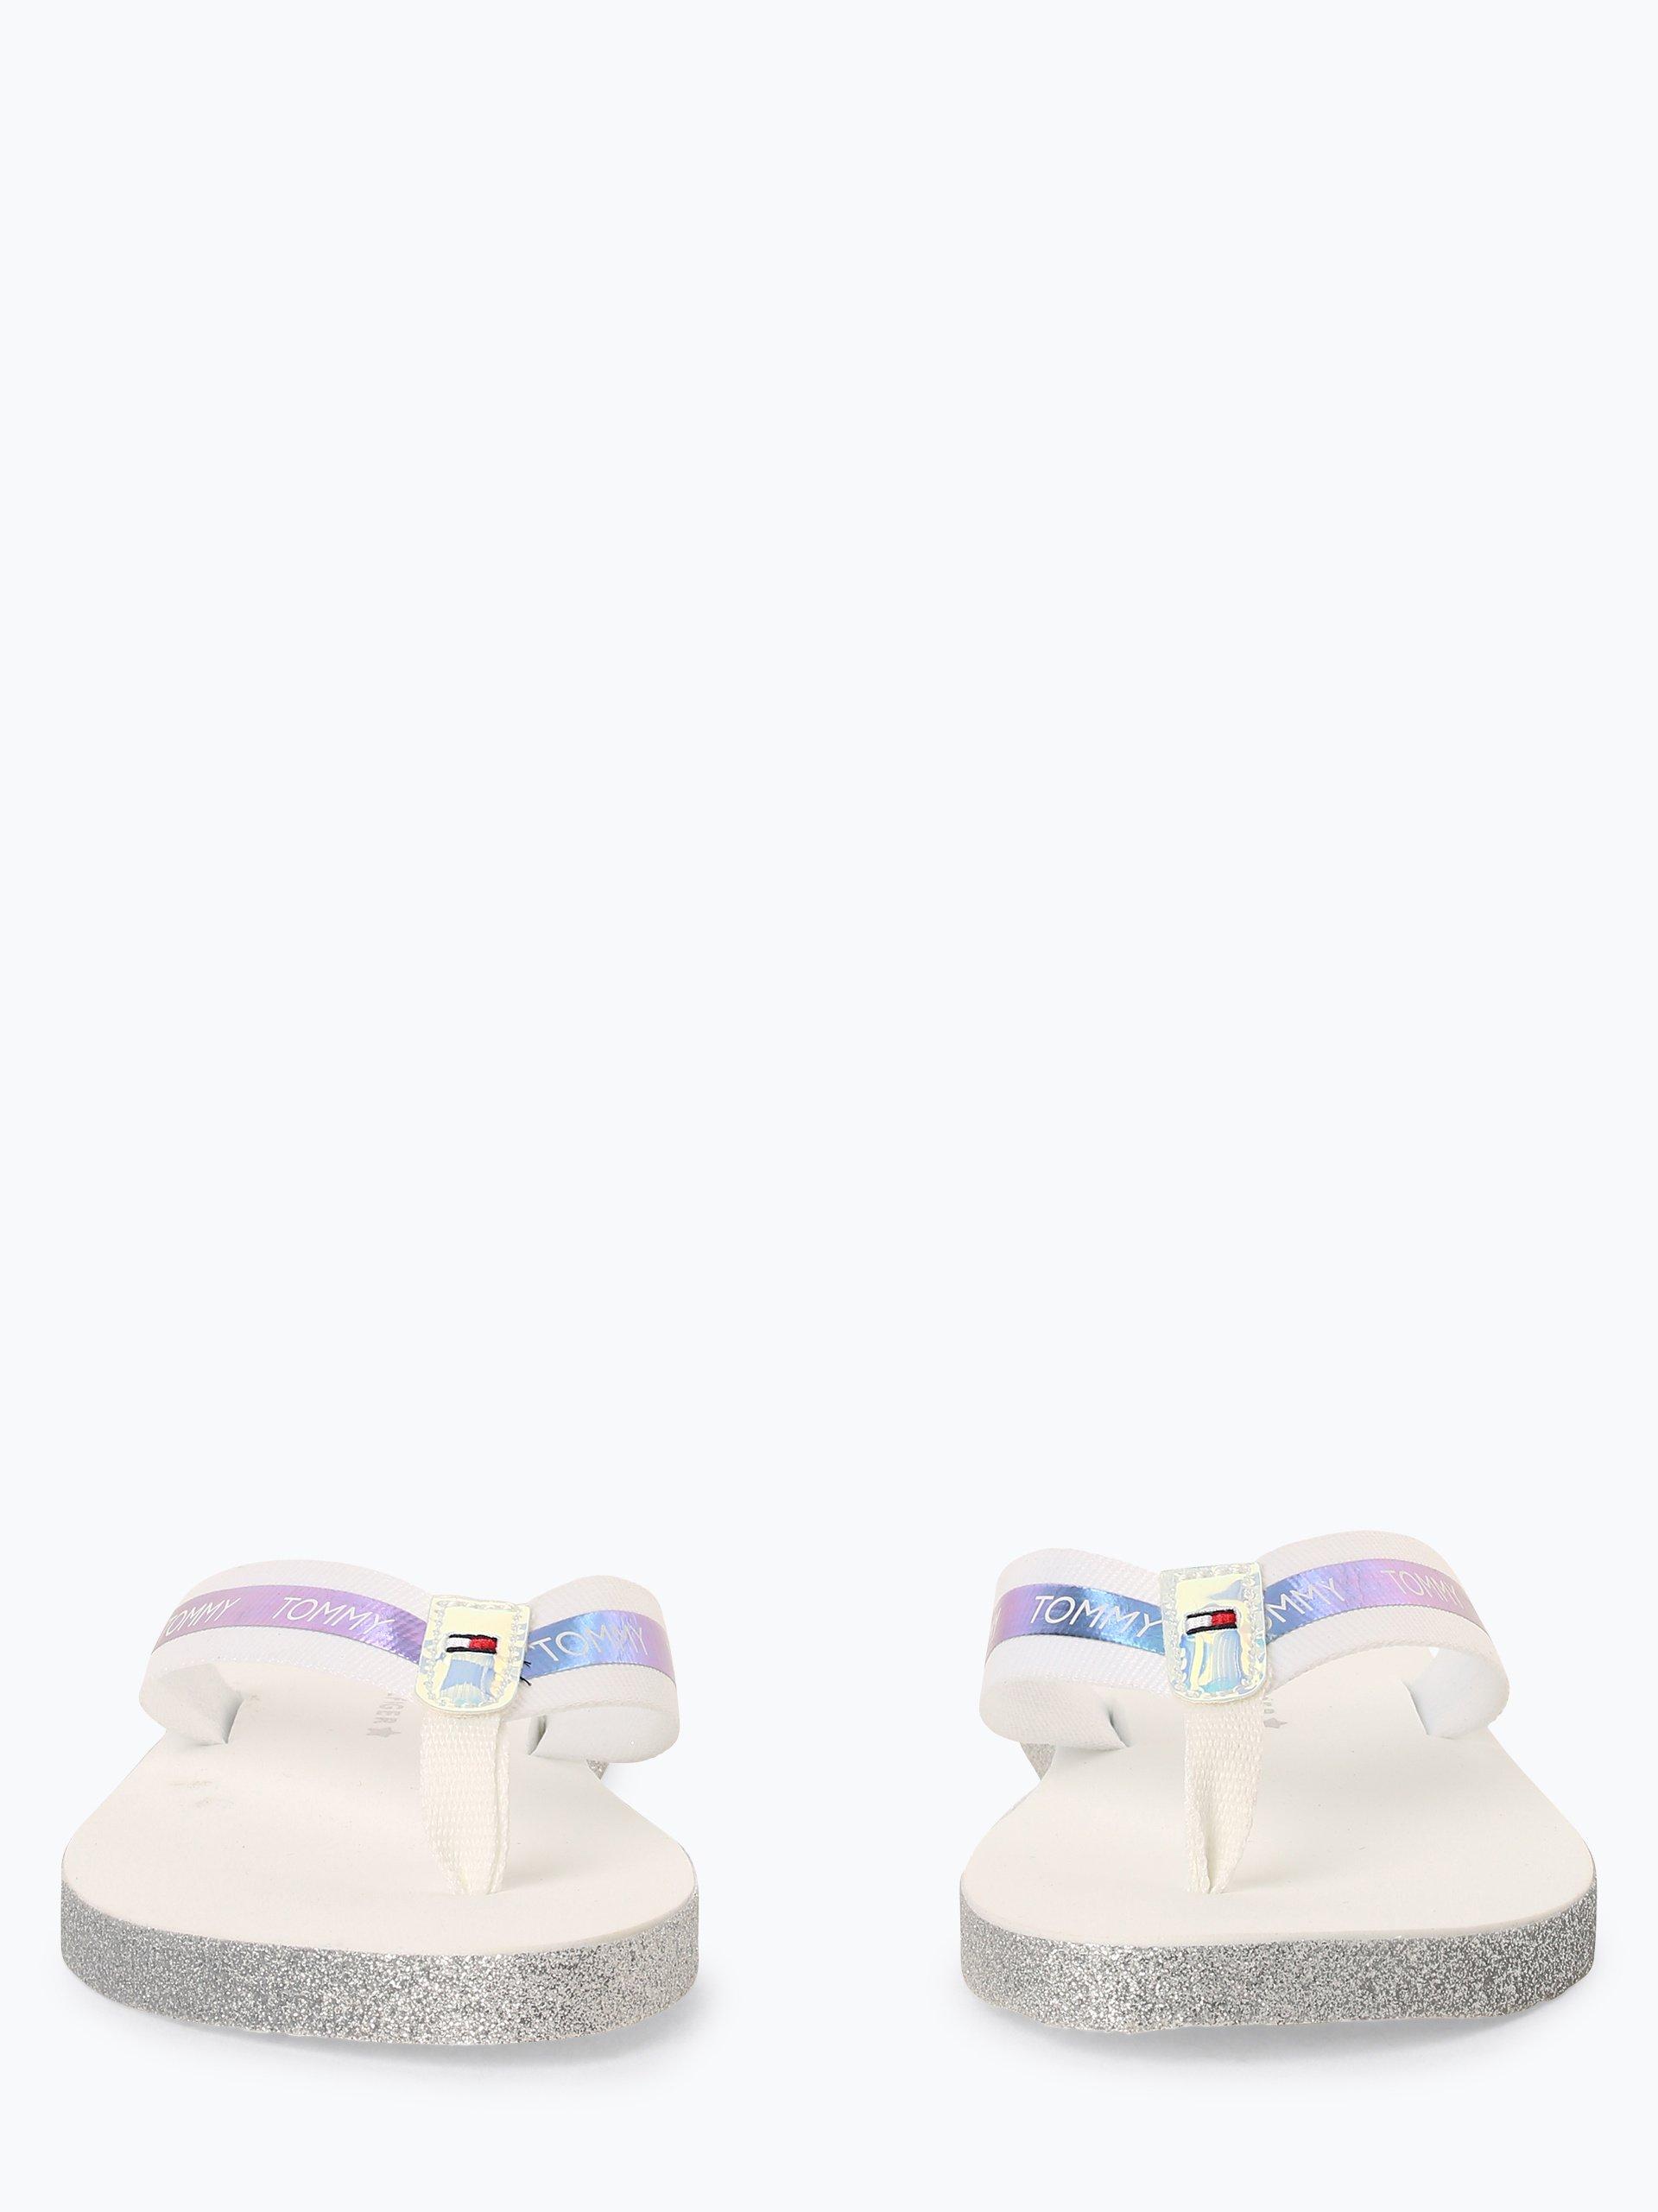 Tommy Hilfiger Damskie pantofle kąpielowe